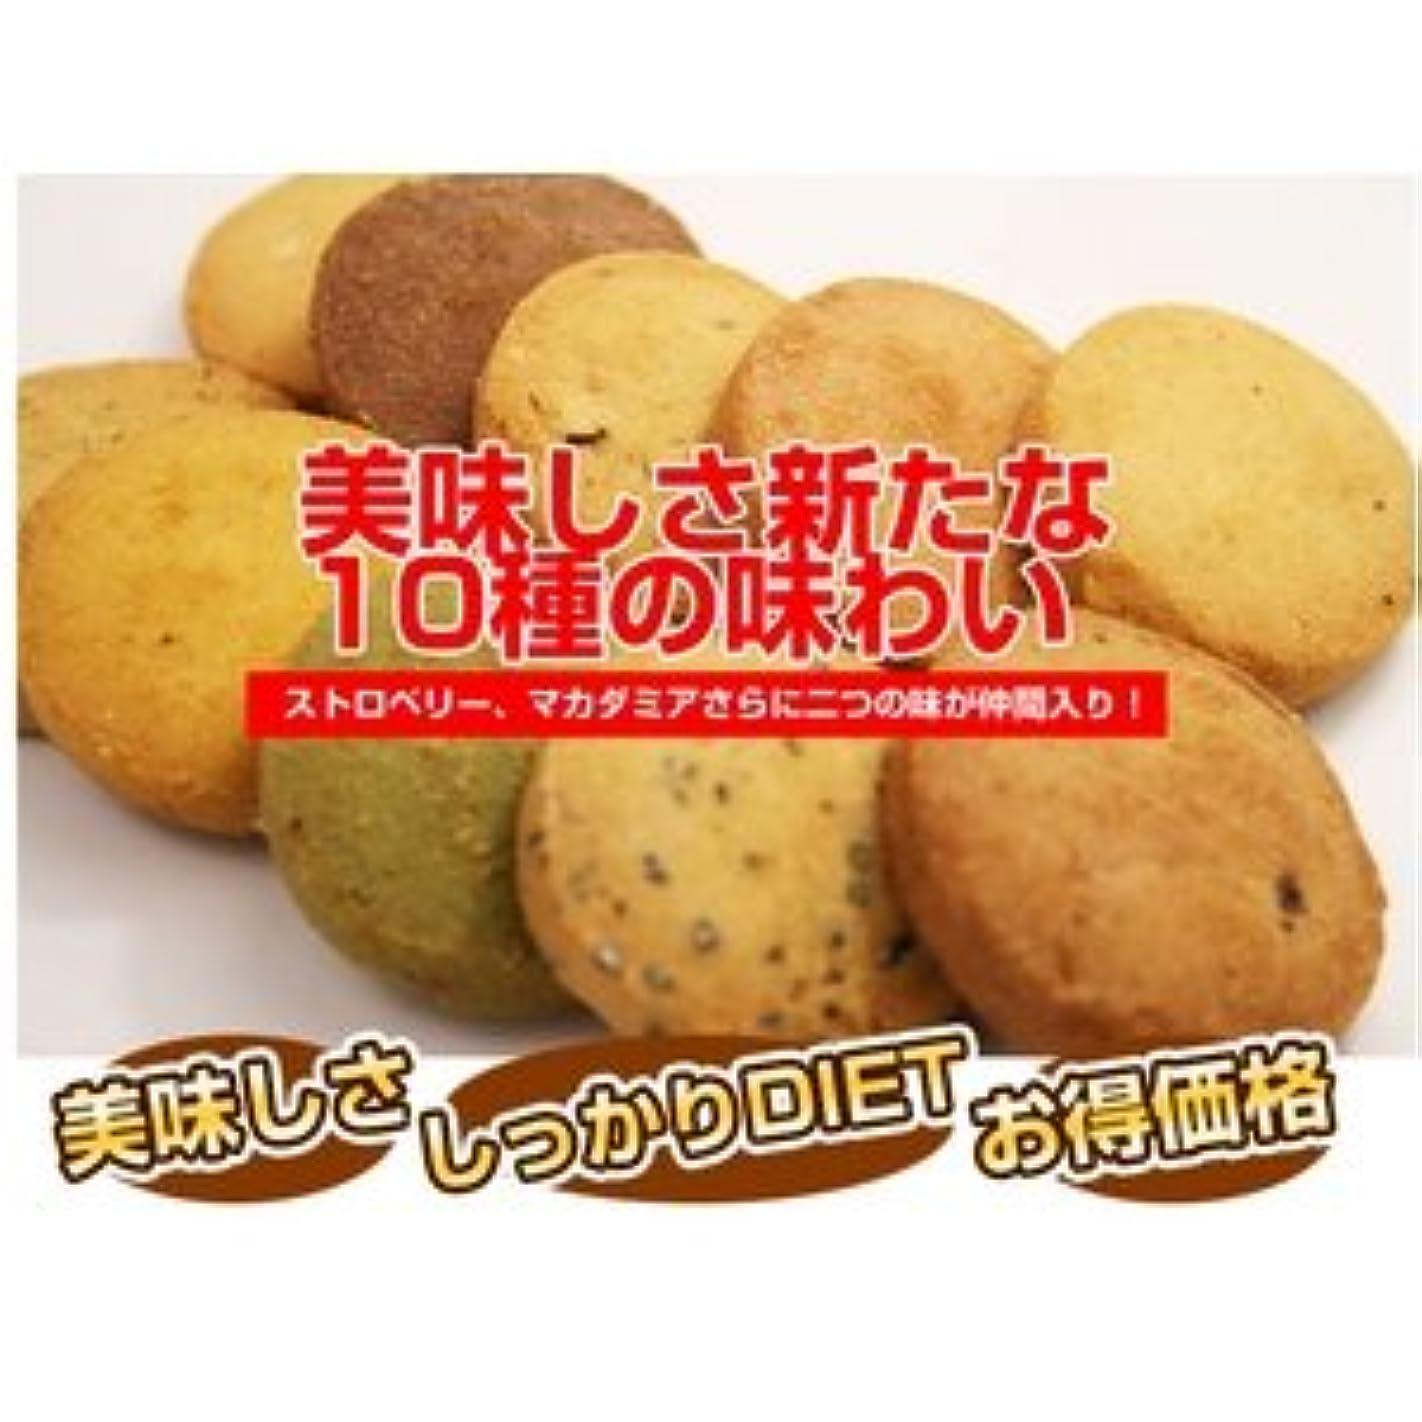 引用トラップ溢れんばかりの10種の豆乳おからクッキー 1kg(500g×2)